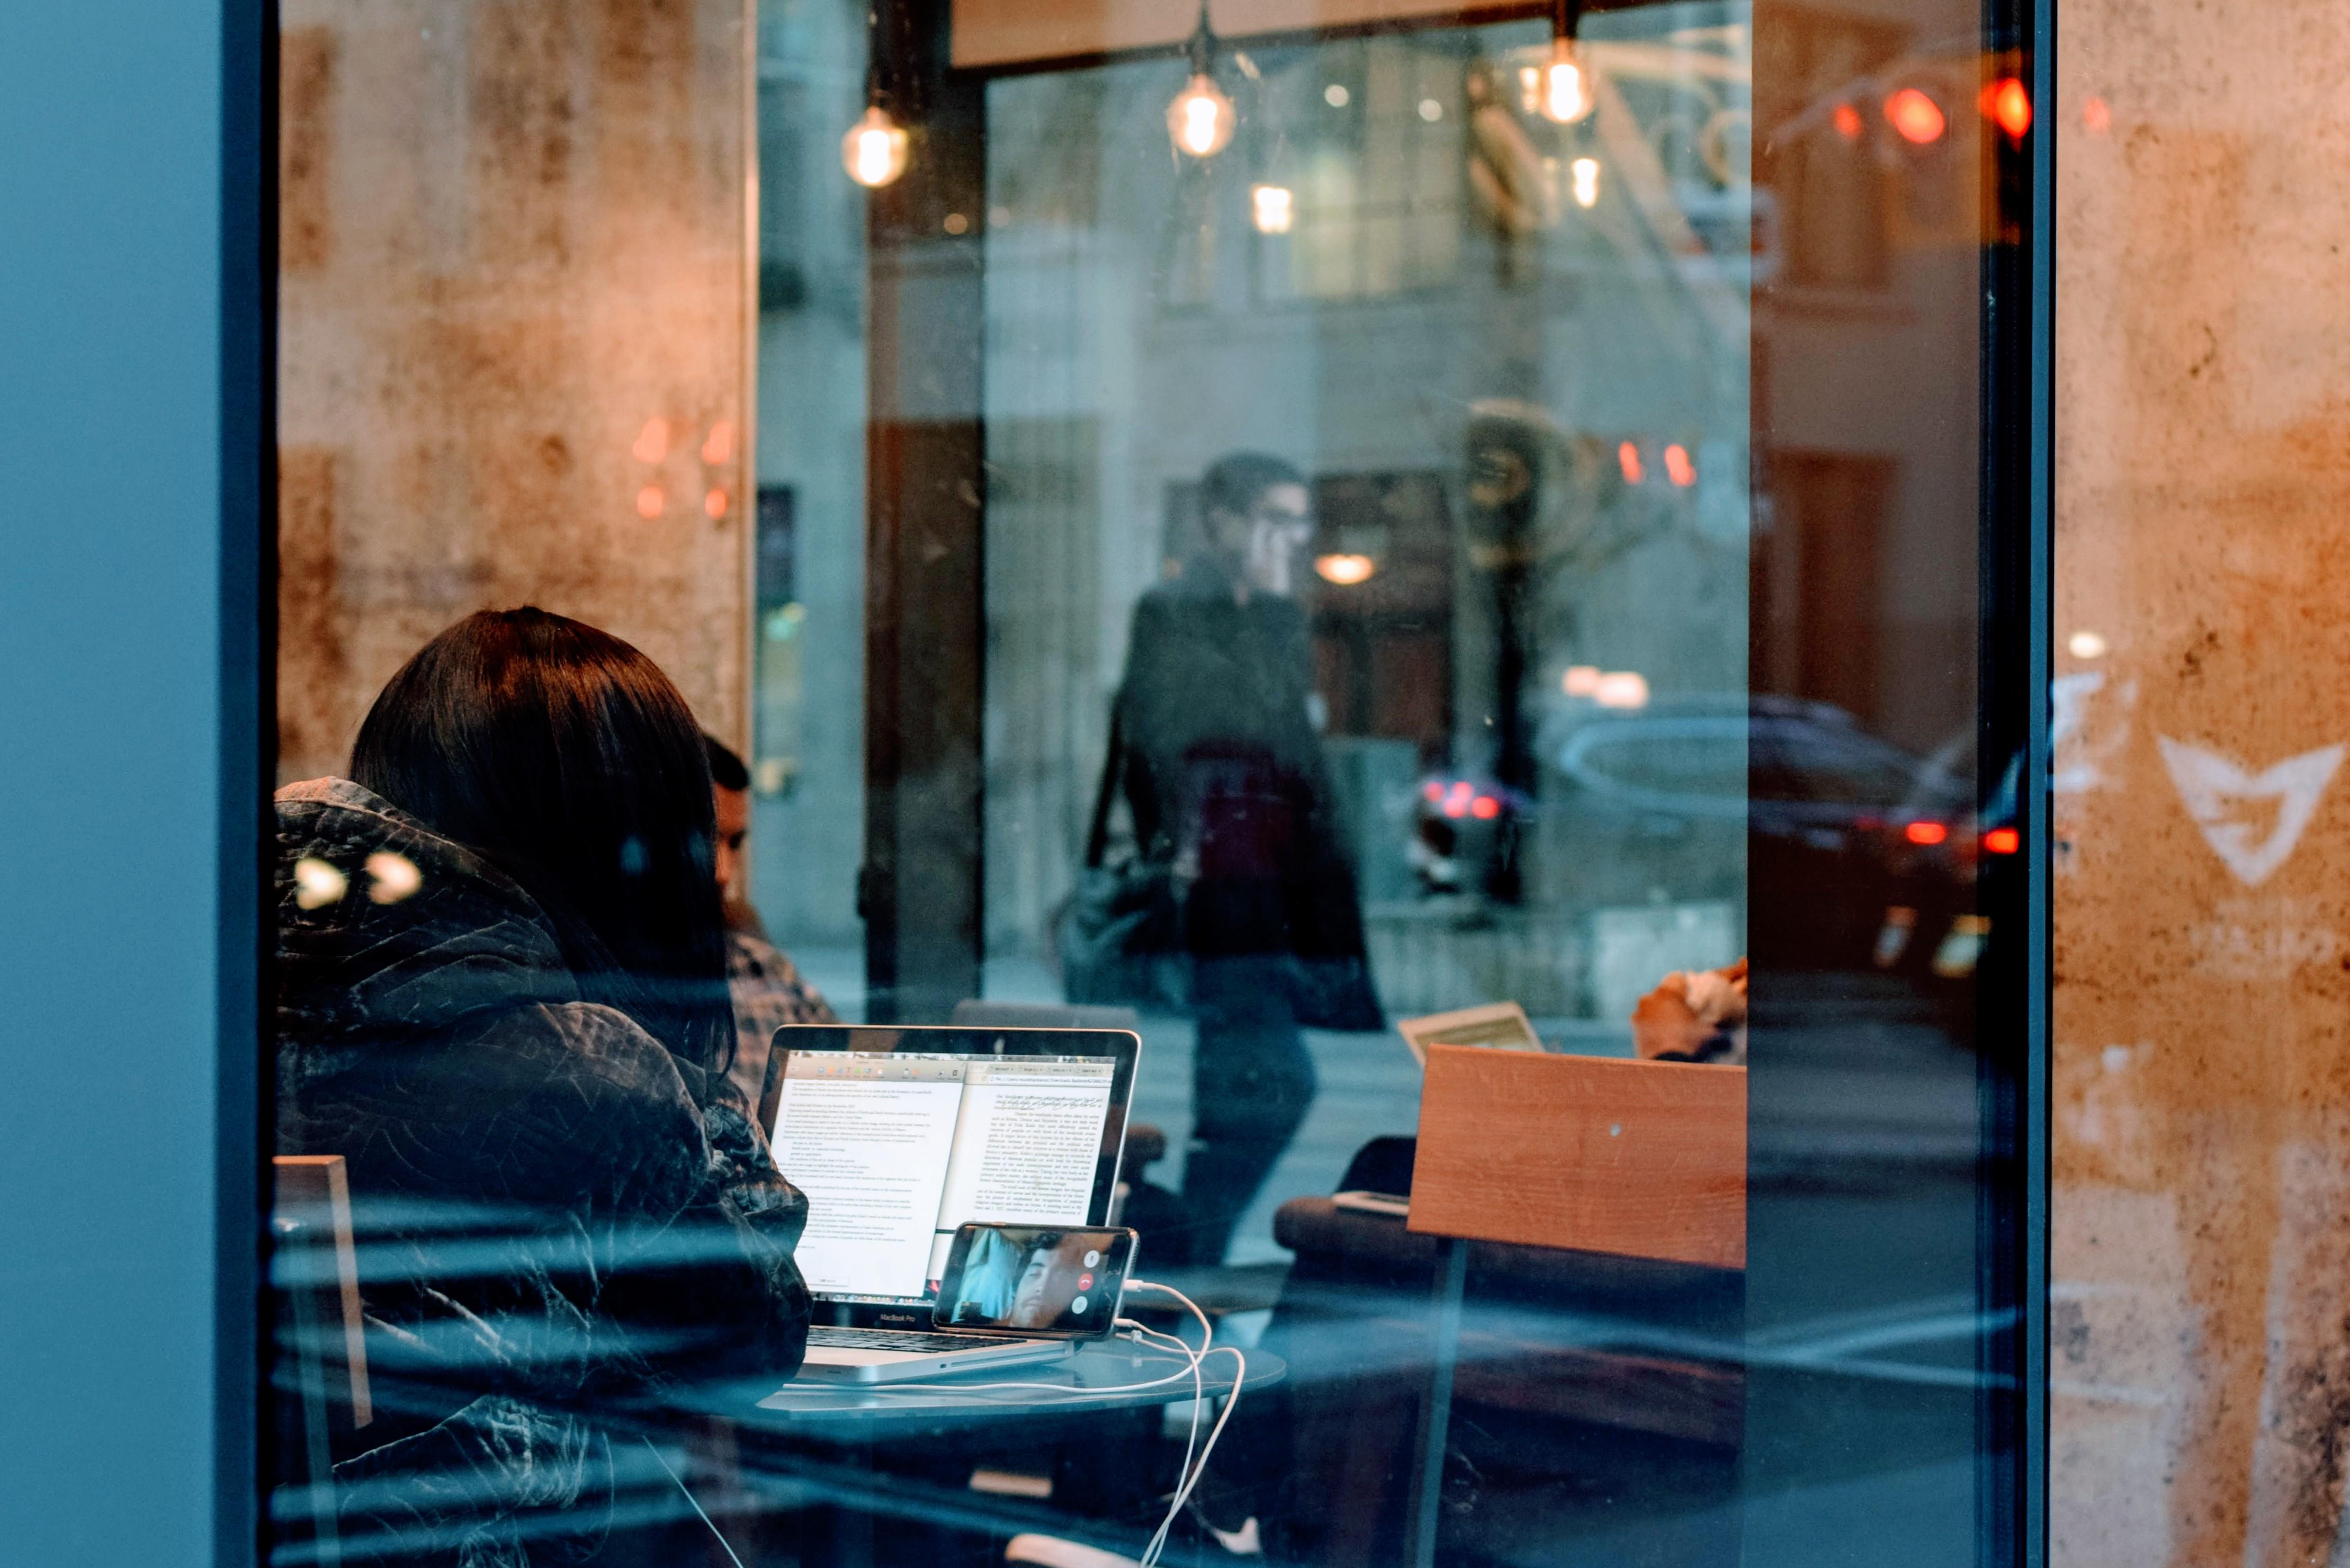 Gratis afbeeldingen : laptop man licht mensen meisje vrouw